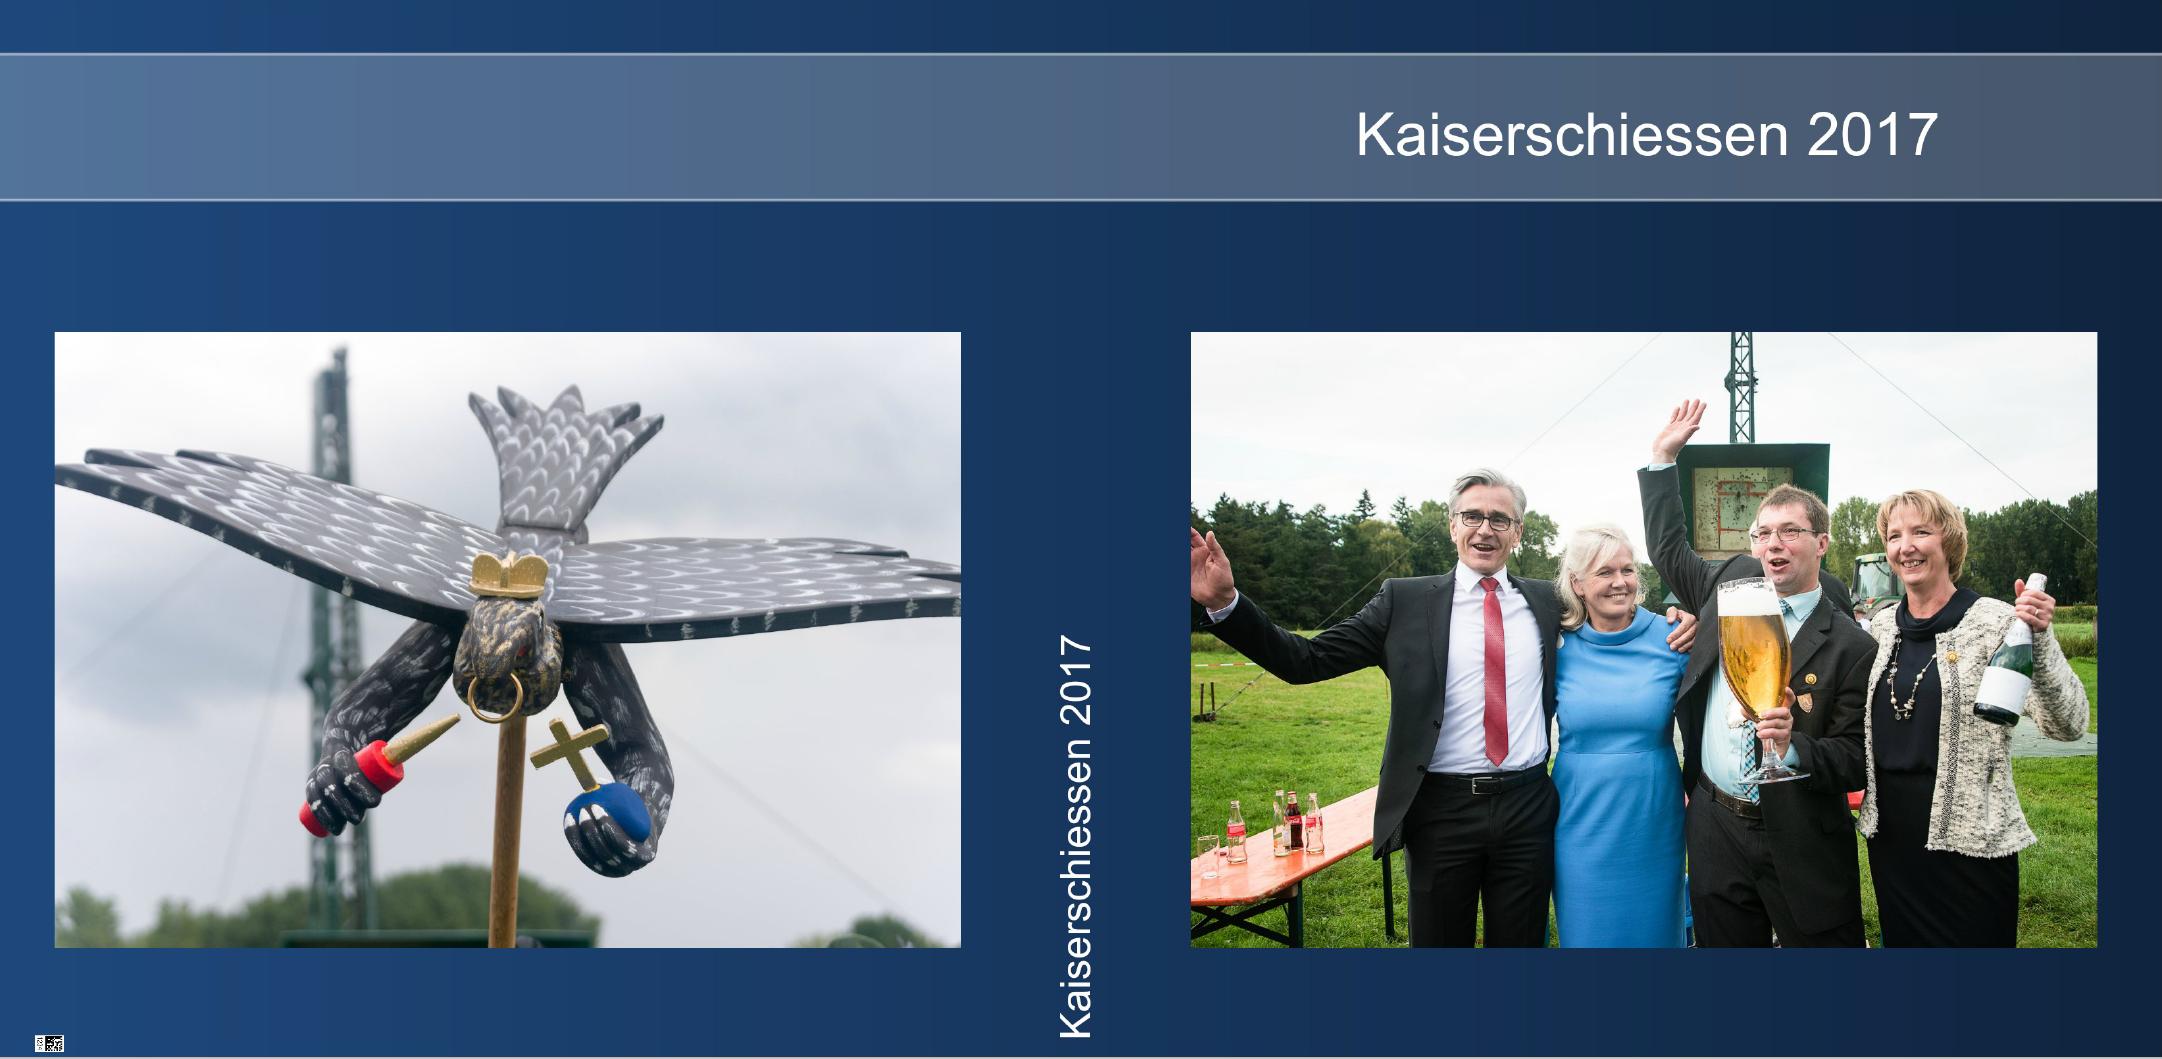 Fotobuch Kaiserschiessen 2017